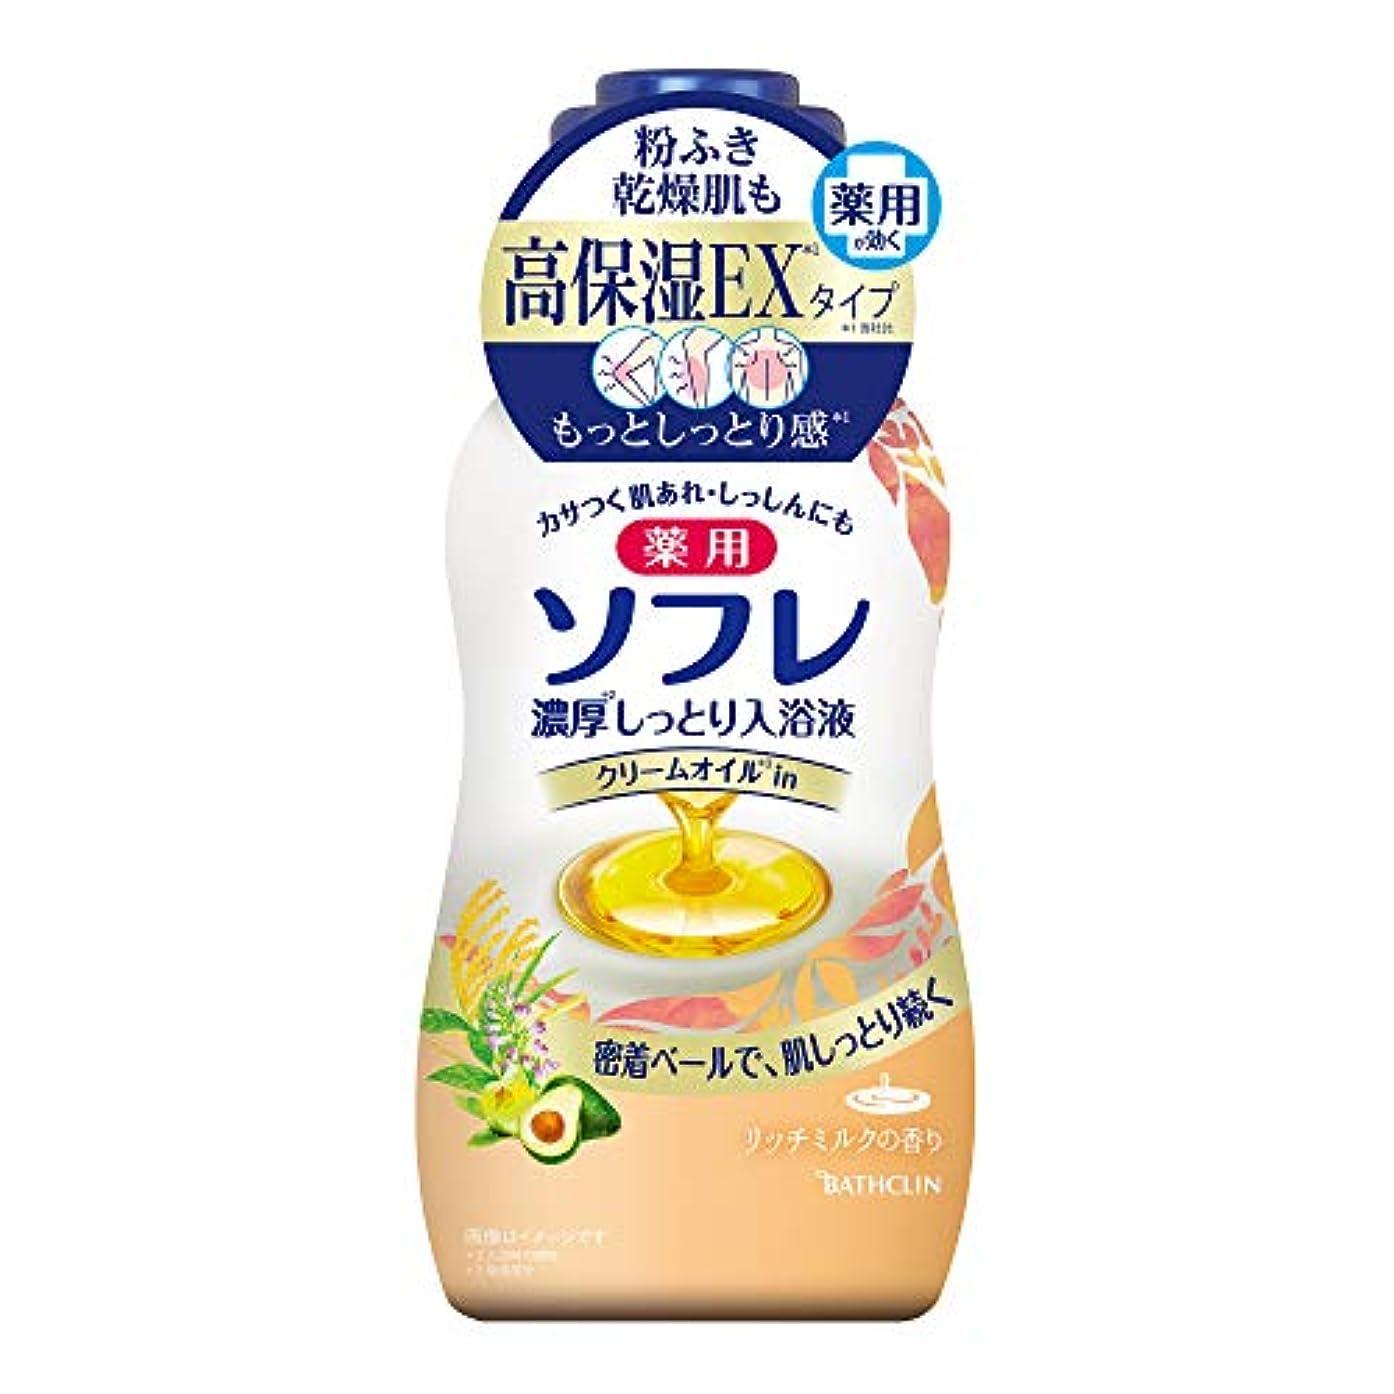 カスタム恐れフロンティア【医薬部外品】薬用ソフレ 濃厚しっとり入浴液 リッチミルクの香り 本体480mL 入浴剤(赤ちゃんと一緒に使えます)